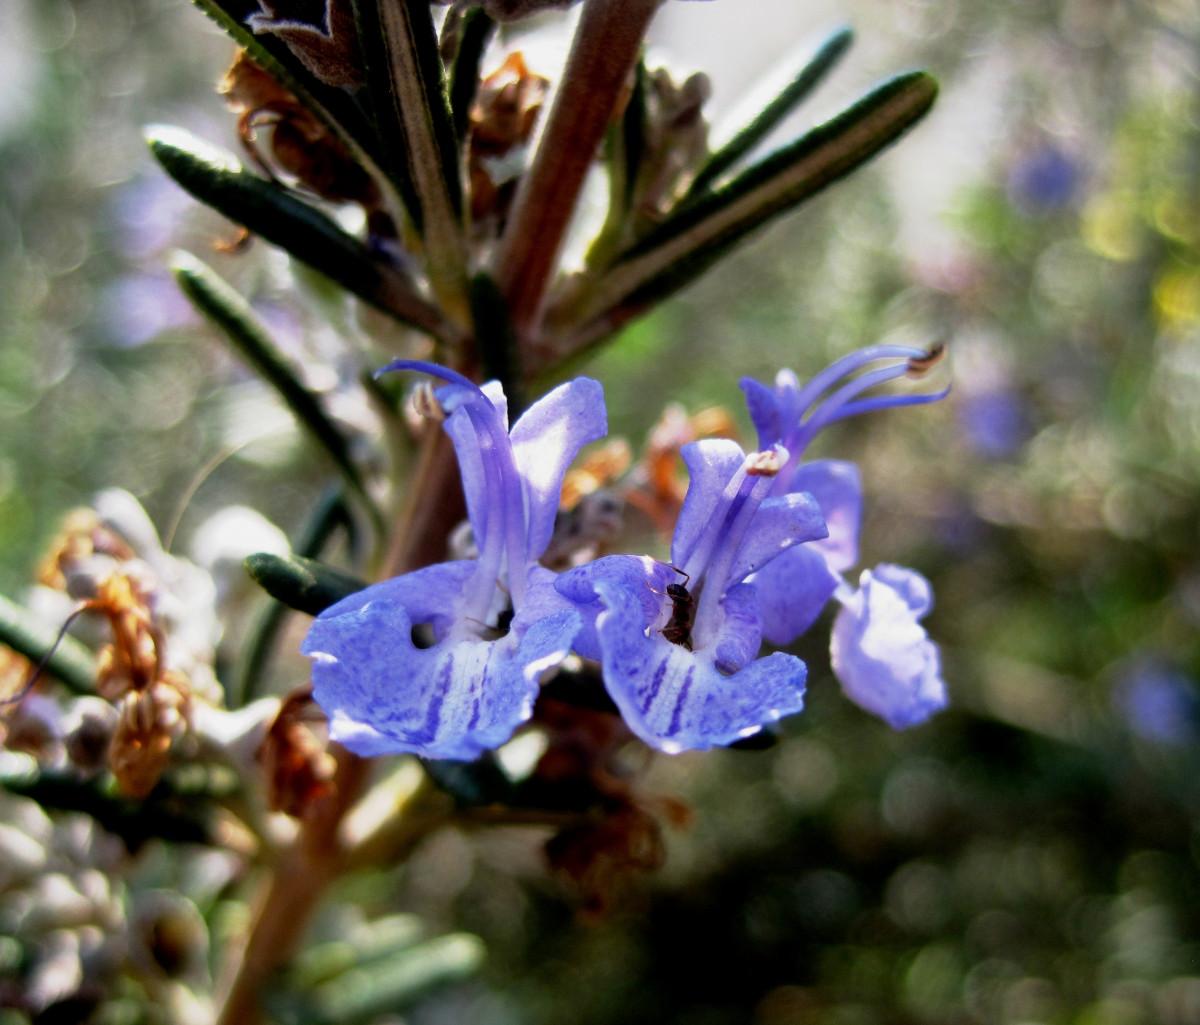 Spiky plante fleur violet printemps herbe bleu flore tige feuilles minuscule délicat Romarin plante à fleurs délicat Sauge commun Orchidée Balai